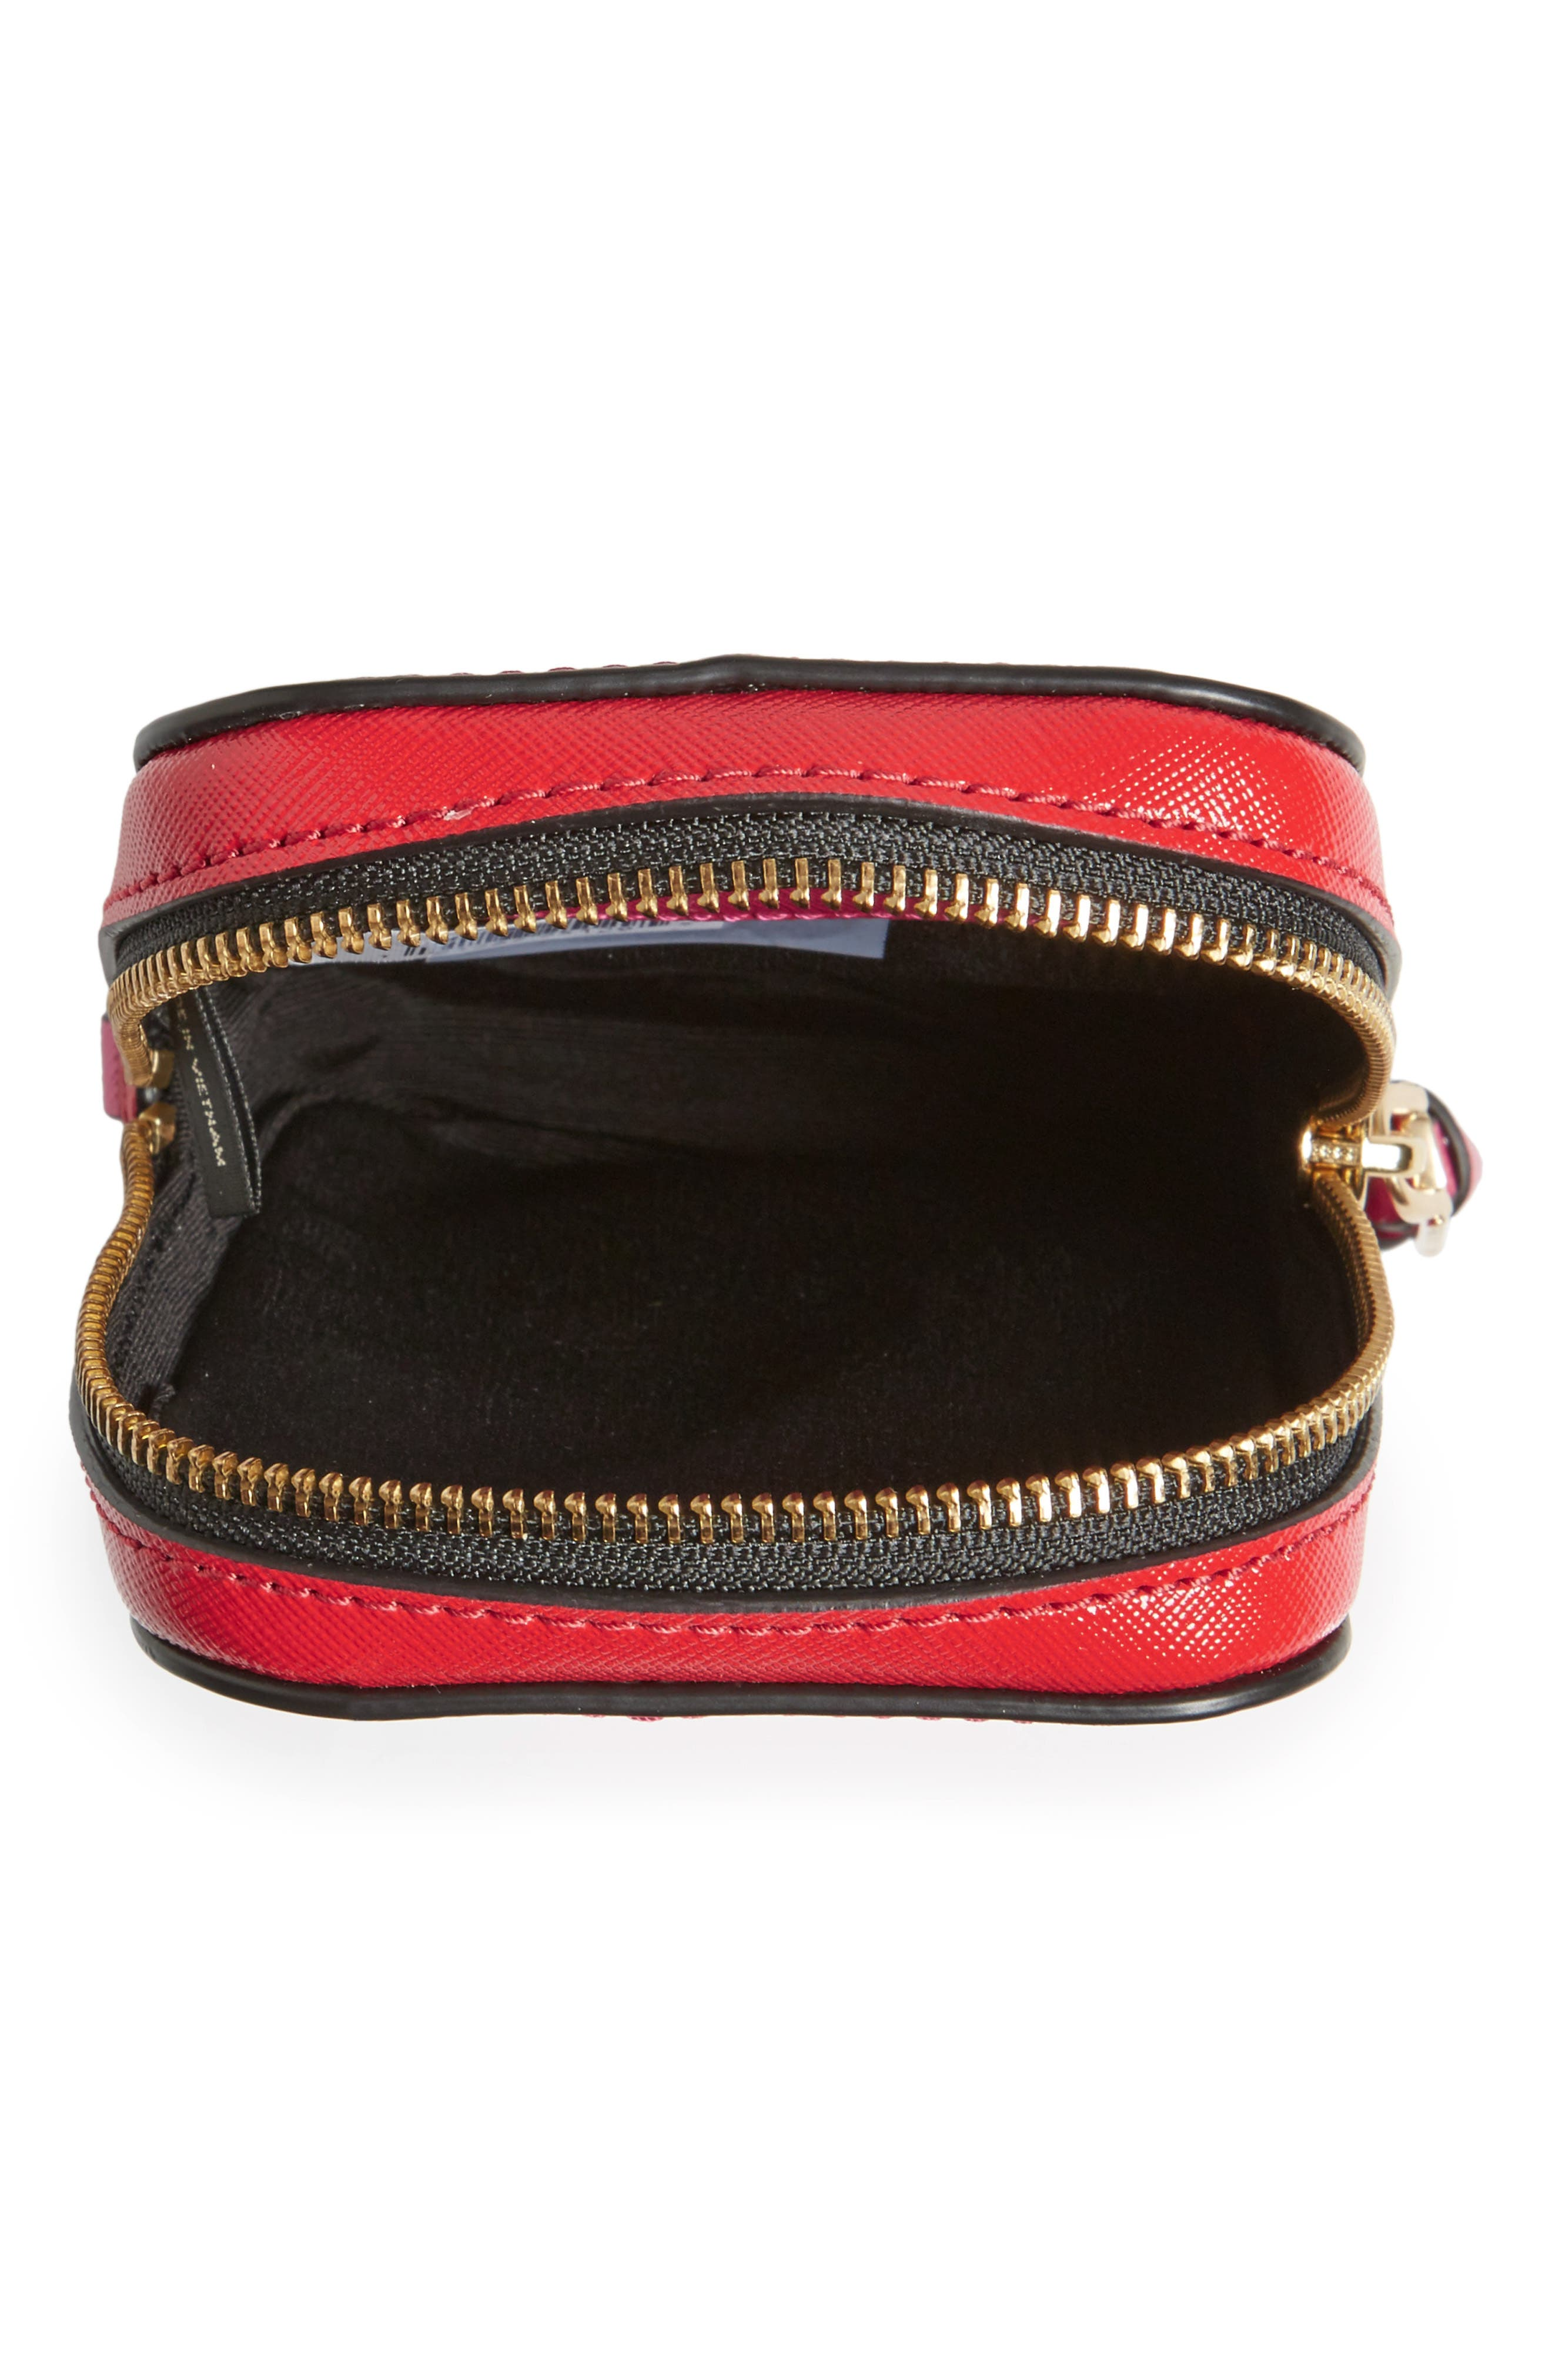 Alternate Image 3  - MARC JACOBS Hot Shot Saffiano Leather Shoulder Bag